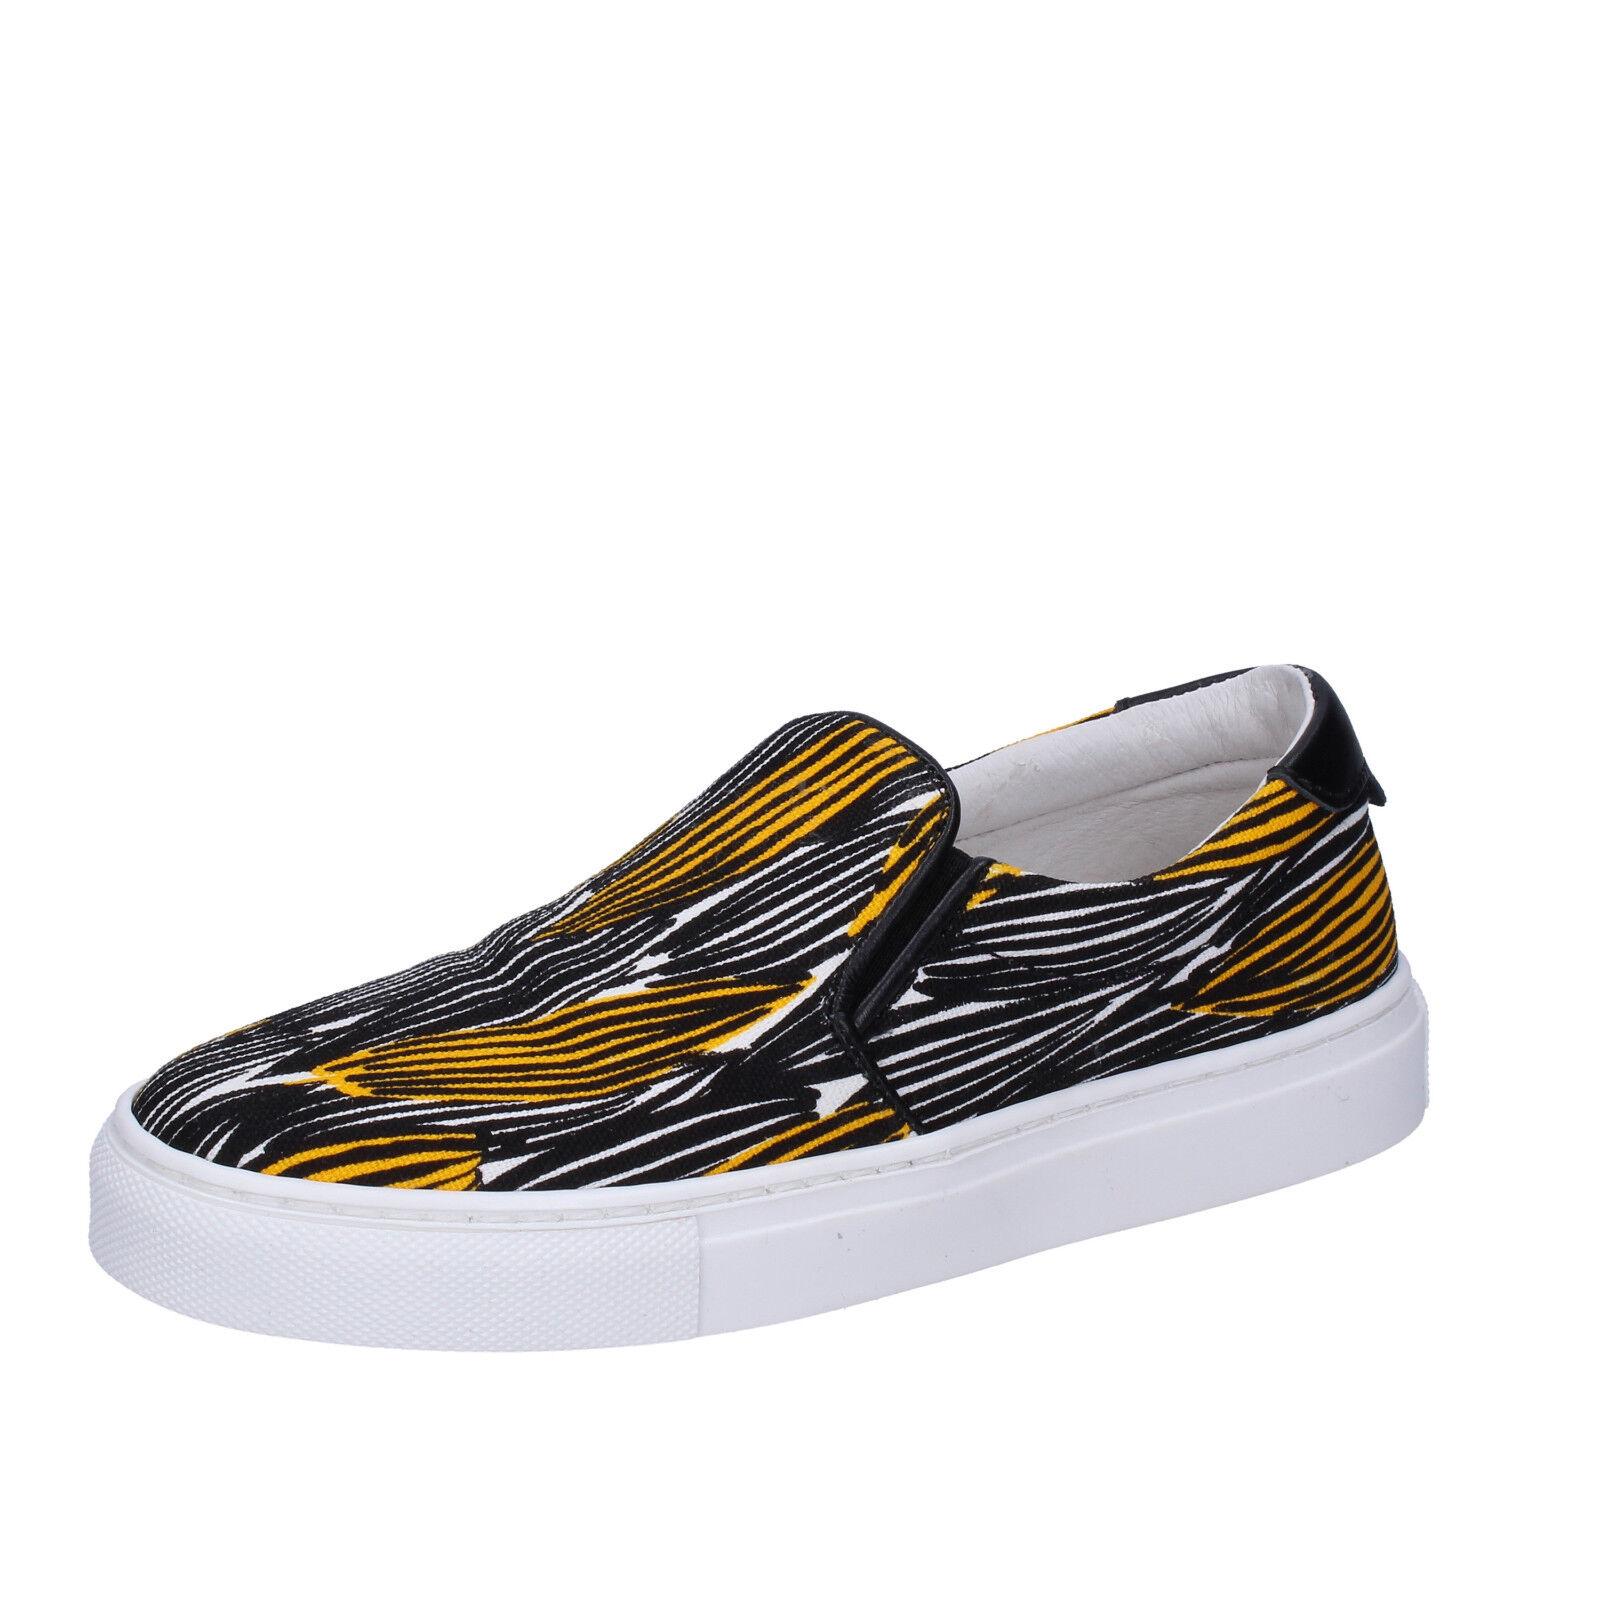 Femme Chaussures LIU JO 3 (UE 36) Lacet Noir Jaune en Toile BT578-36